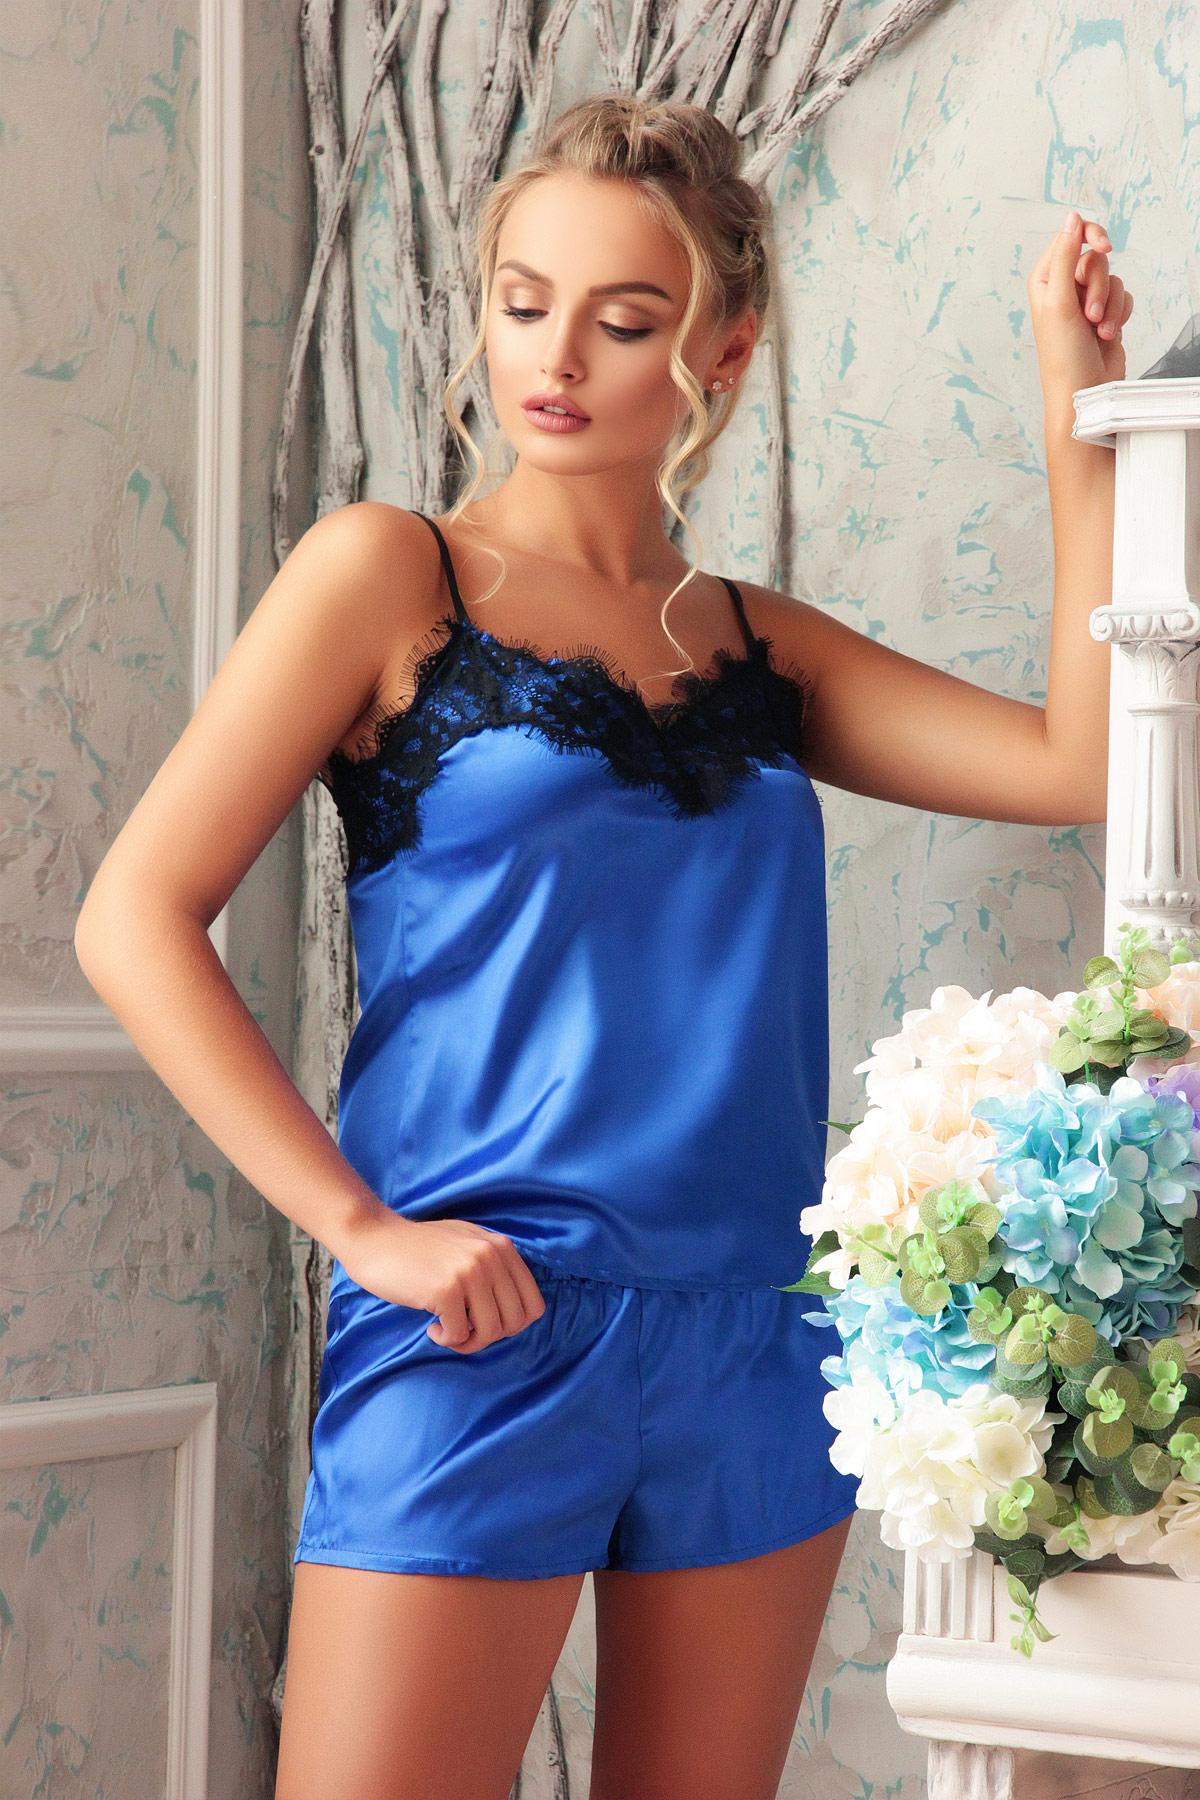 7e0f8bce6a972 женская атласная пижама. Комплект-016. Цвет: электрик-черный